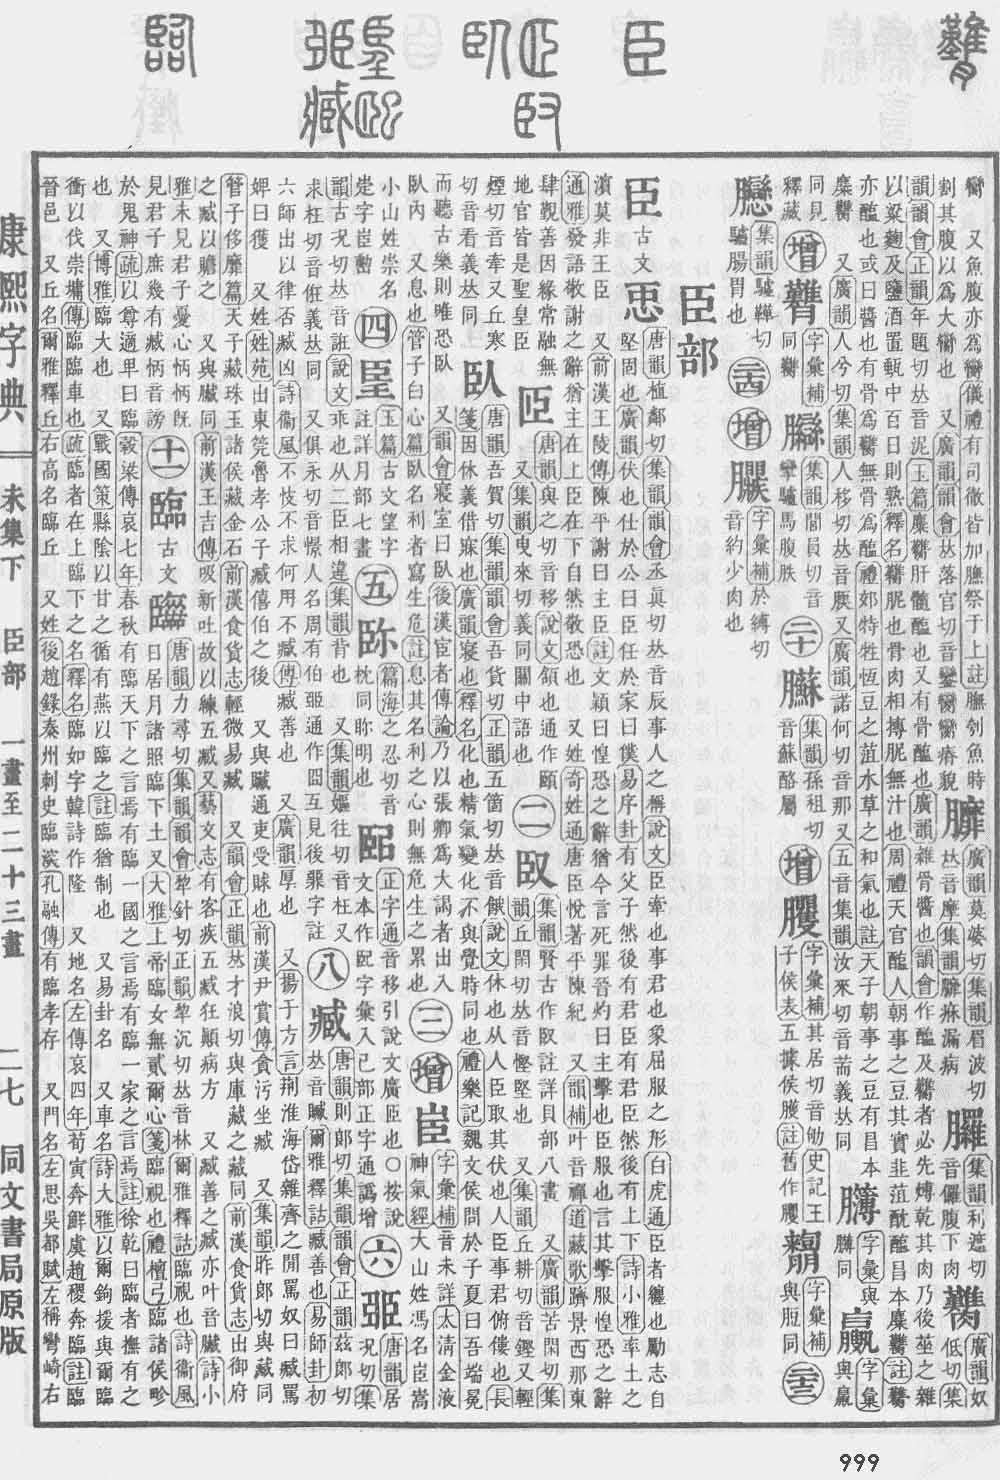 《康熙字典》第999页